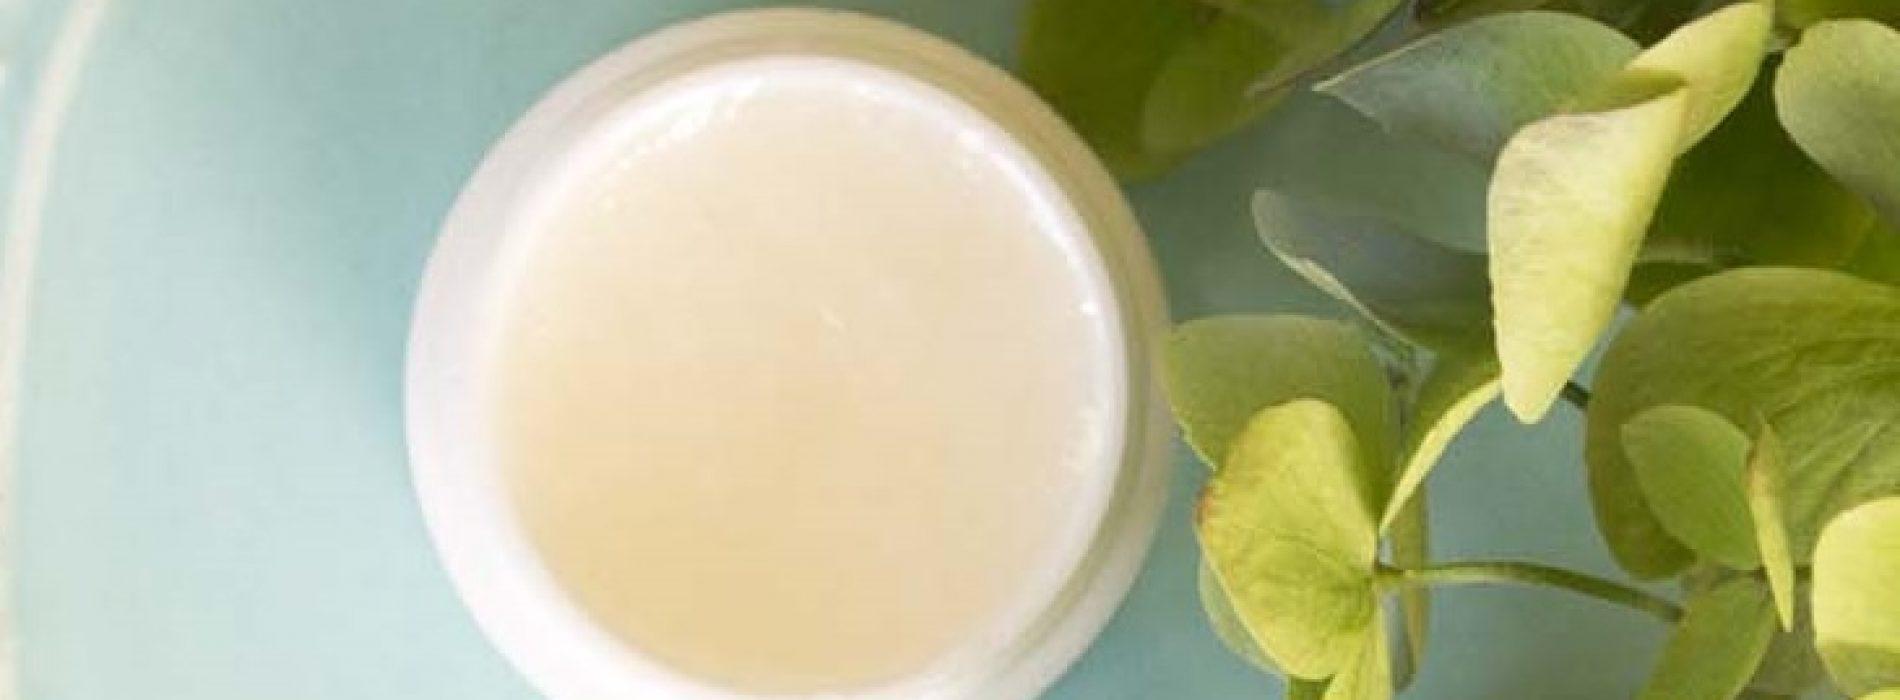 Hoe maak je een 3 ingrediënten Anti-veroudering oogcrème in 1 minuut